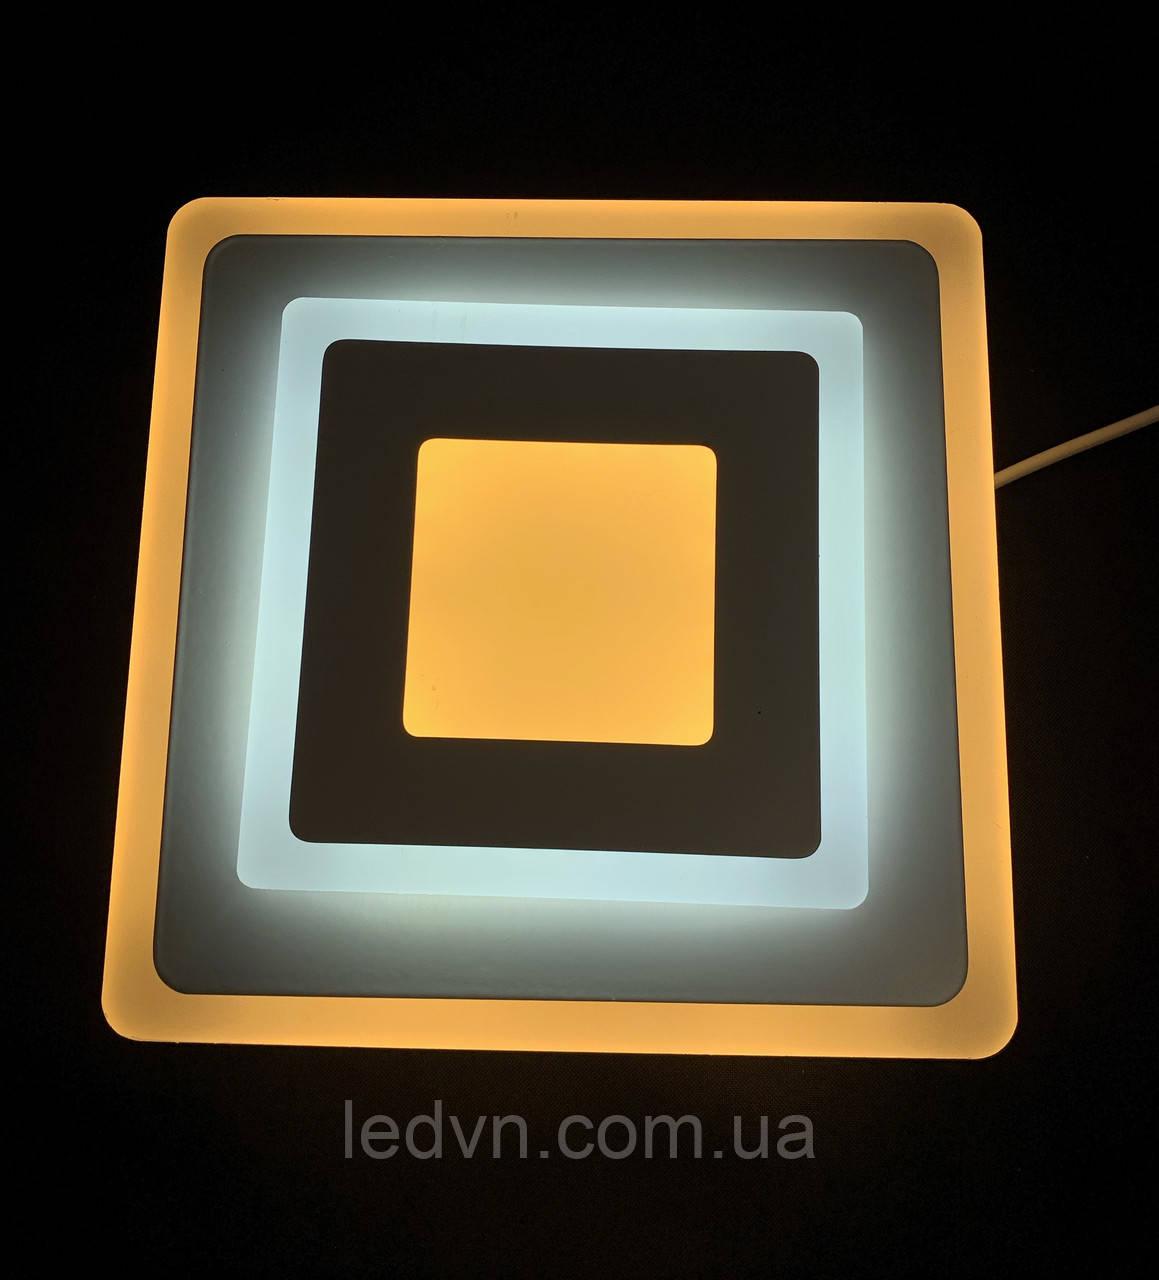 Светодиодный потолочный светильник квадрат 18 ватт